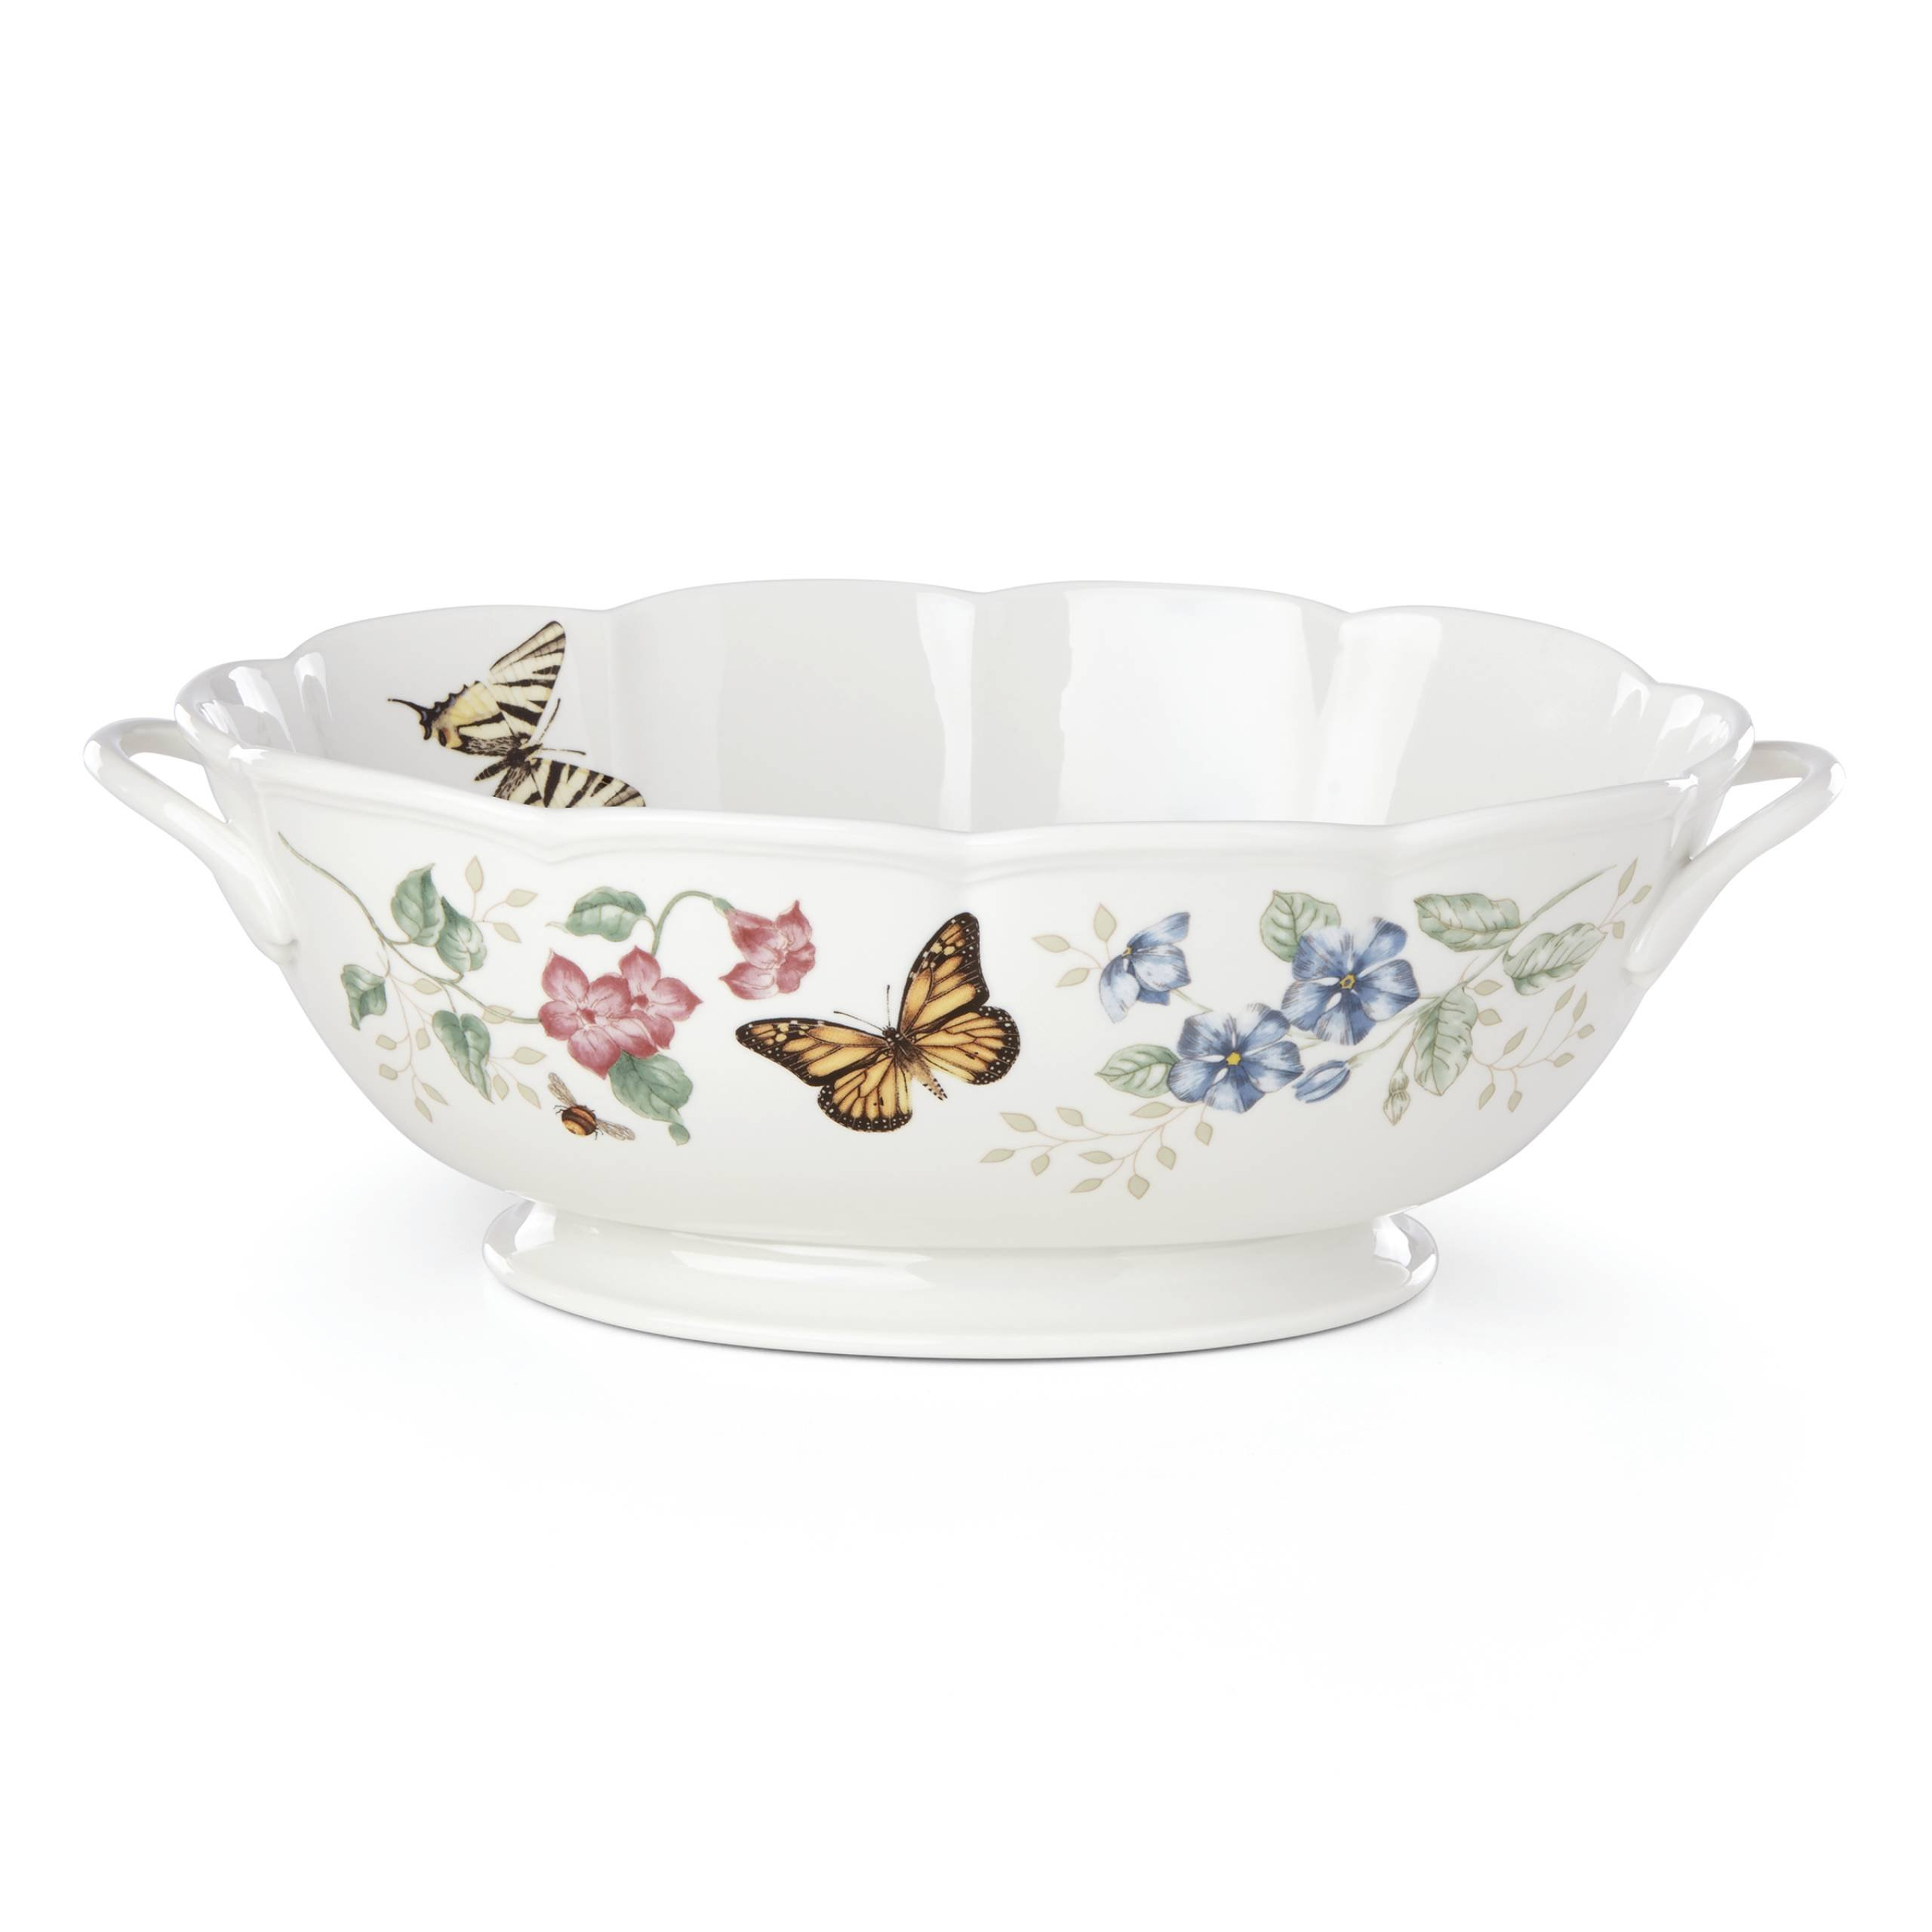 Lenox 881048 Centerpiece Bowl